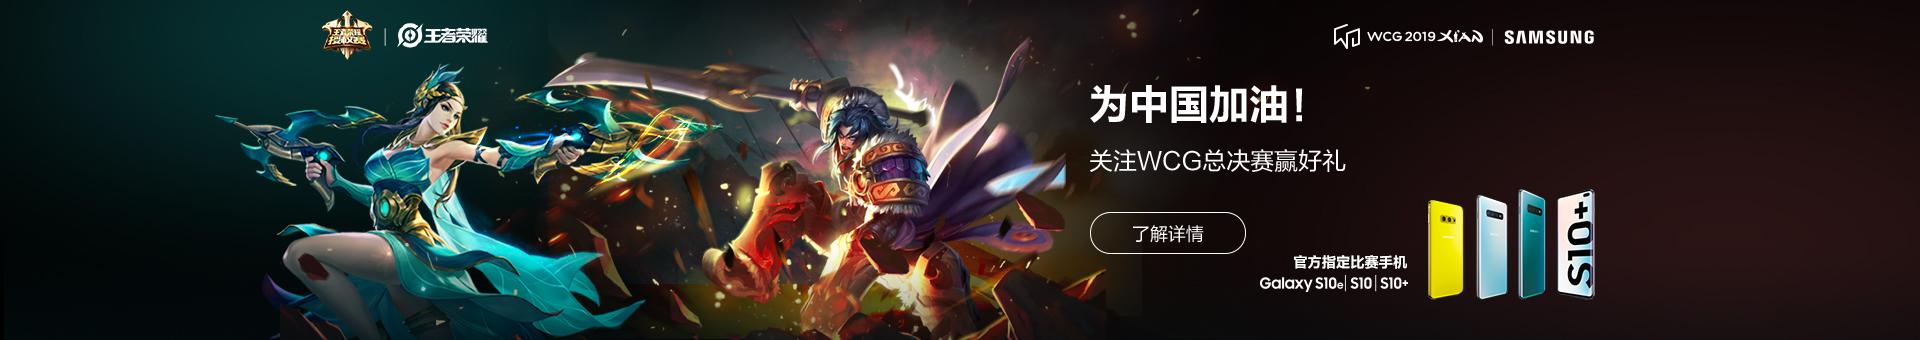 WCG总决赛 为中国加油!